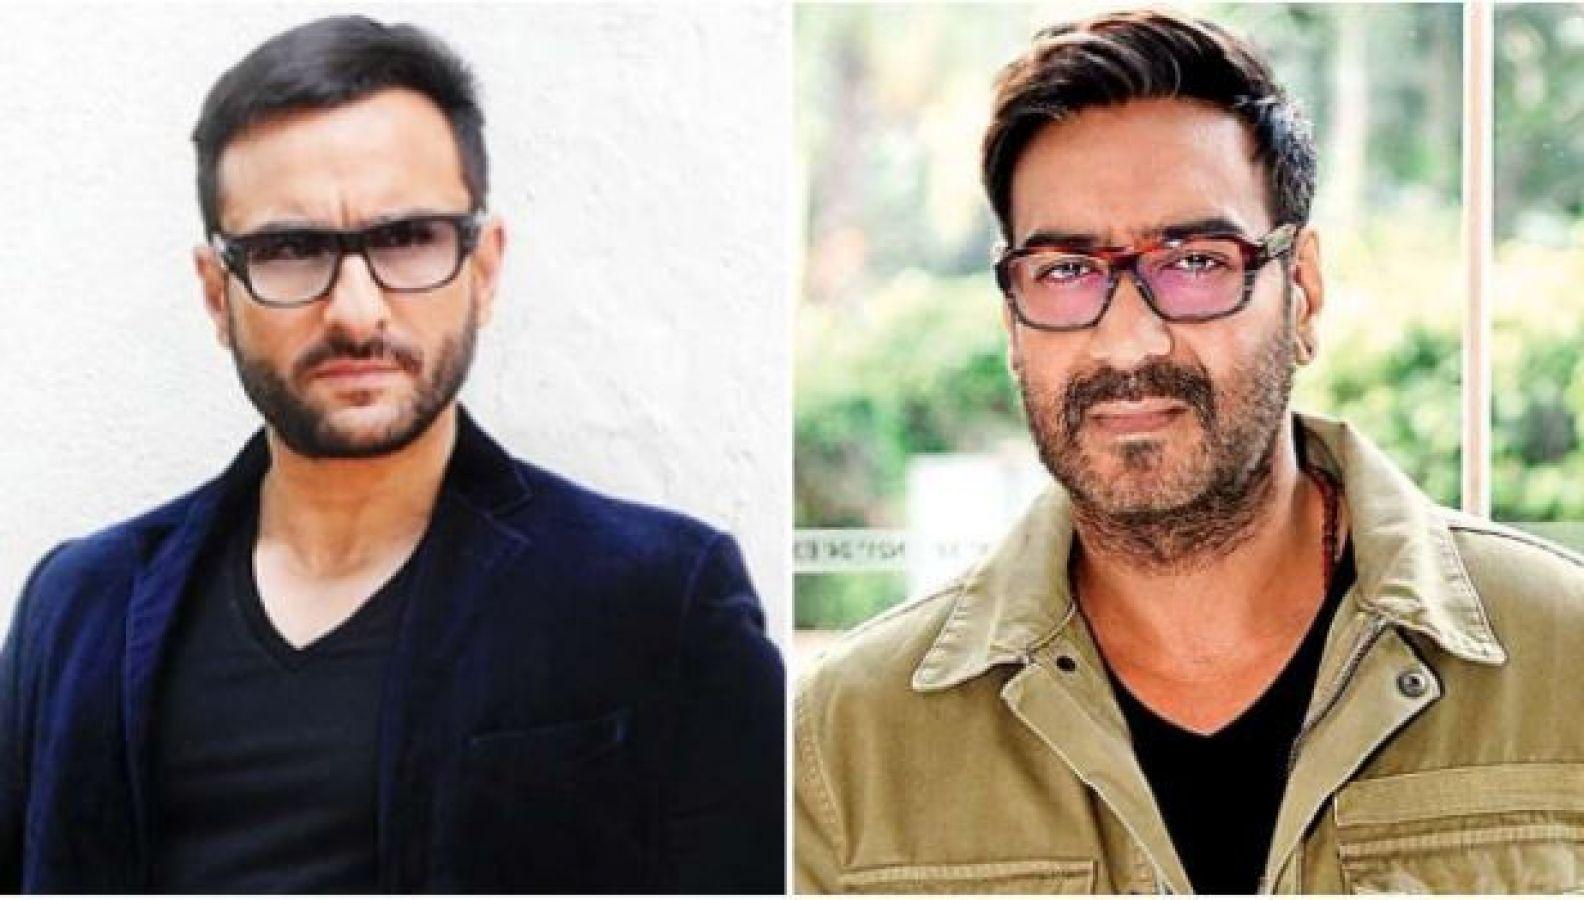 अजय की फिल्म में सैफ-करीना की उम्र का अंतर, सैफ ने तुरंत लगाया फोन और फिर...